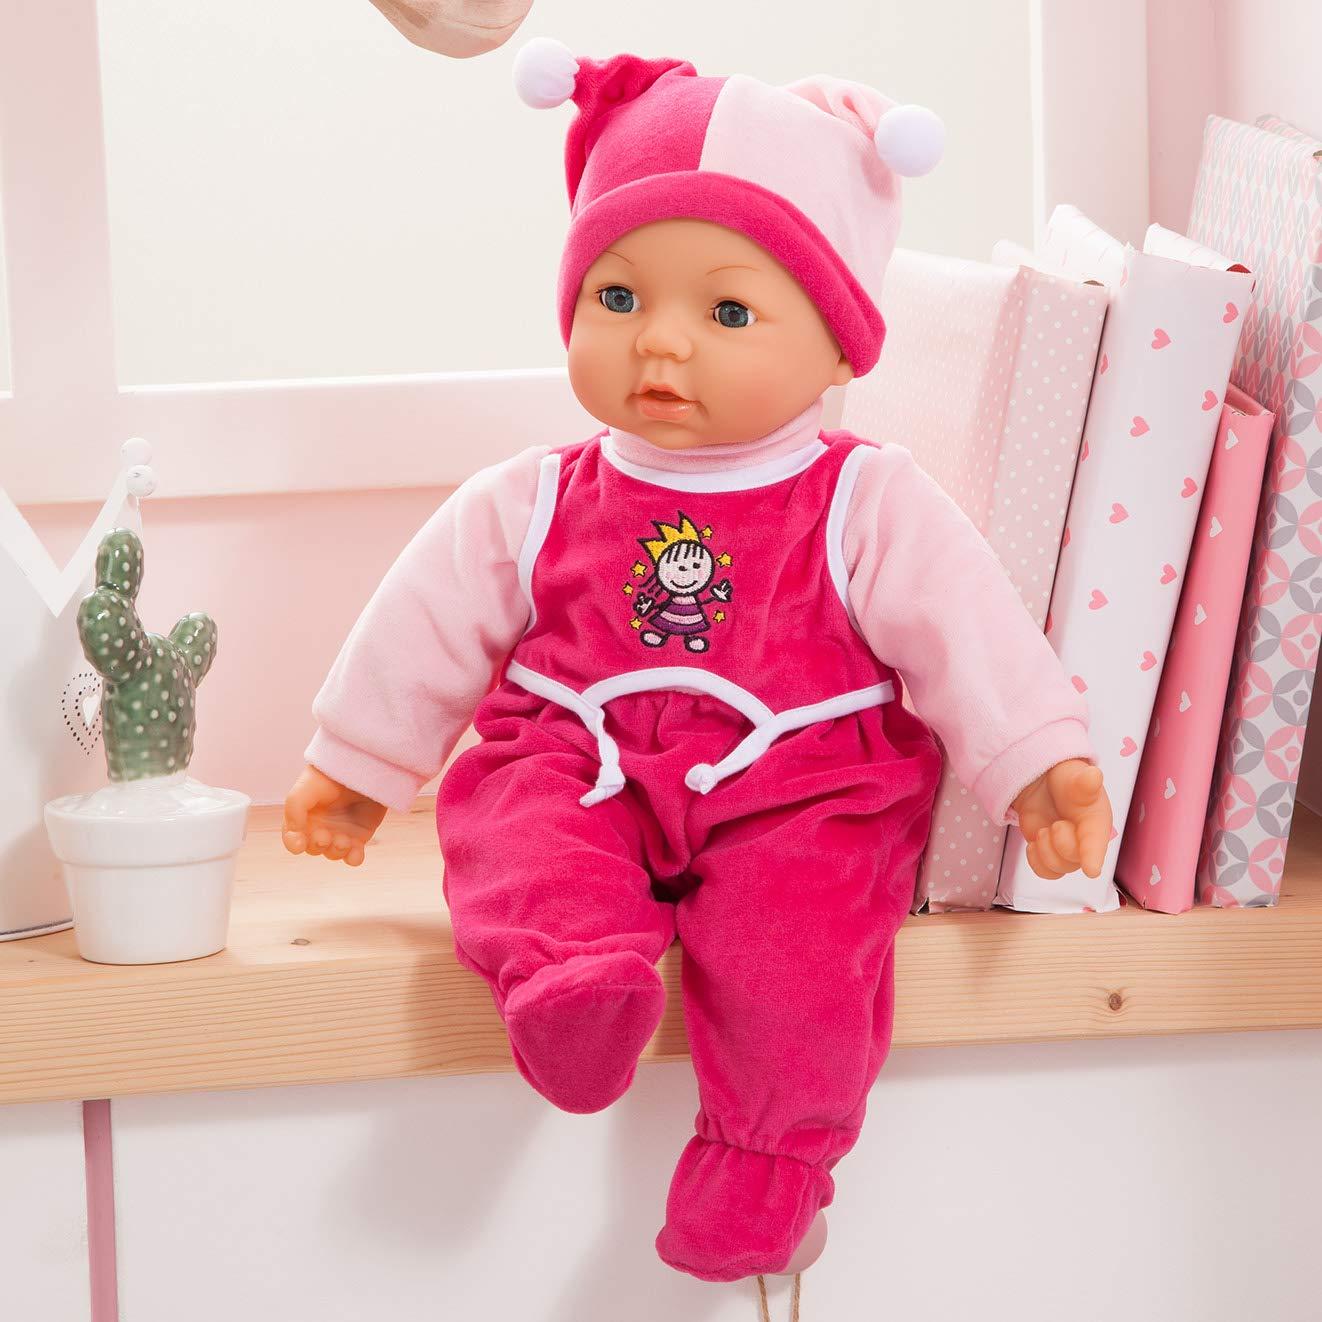 Modelli//Colori Assortiti Bayer Design 94682 Bambola 46 cm Hello Baby con funzioni particolarmente graziosa 1 Pezzo